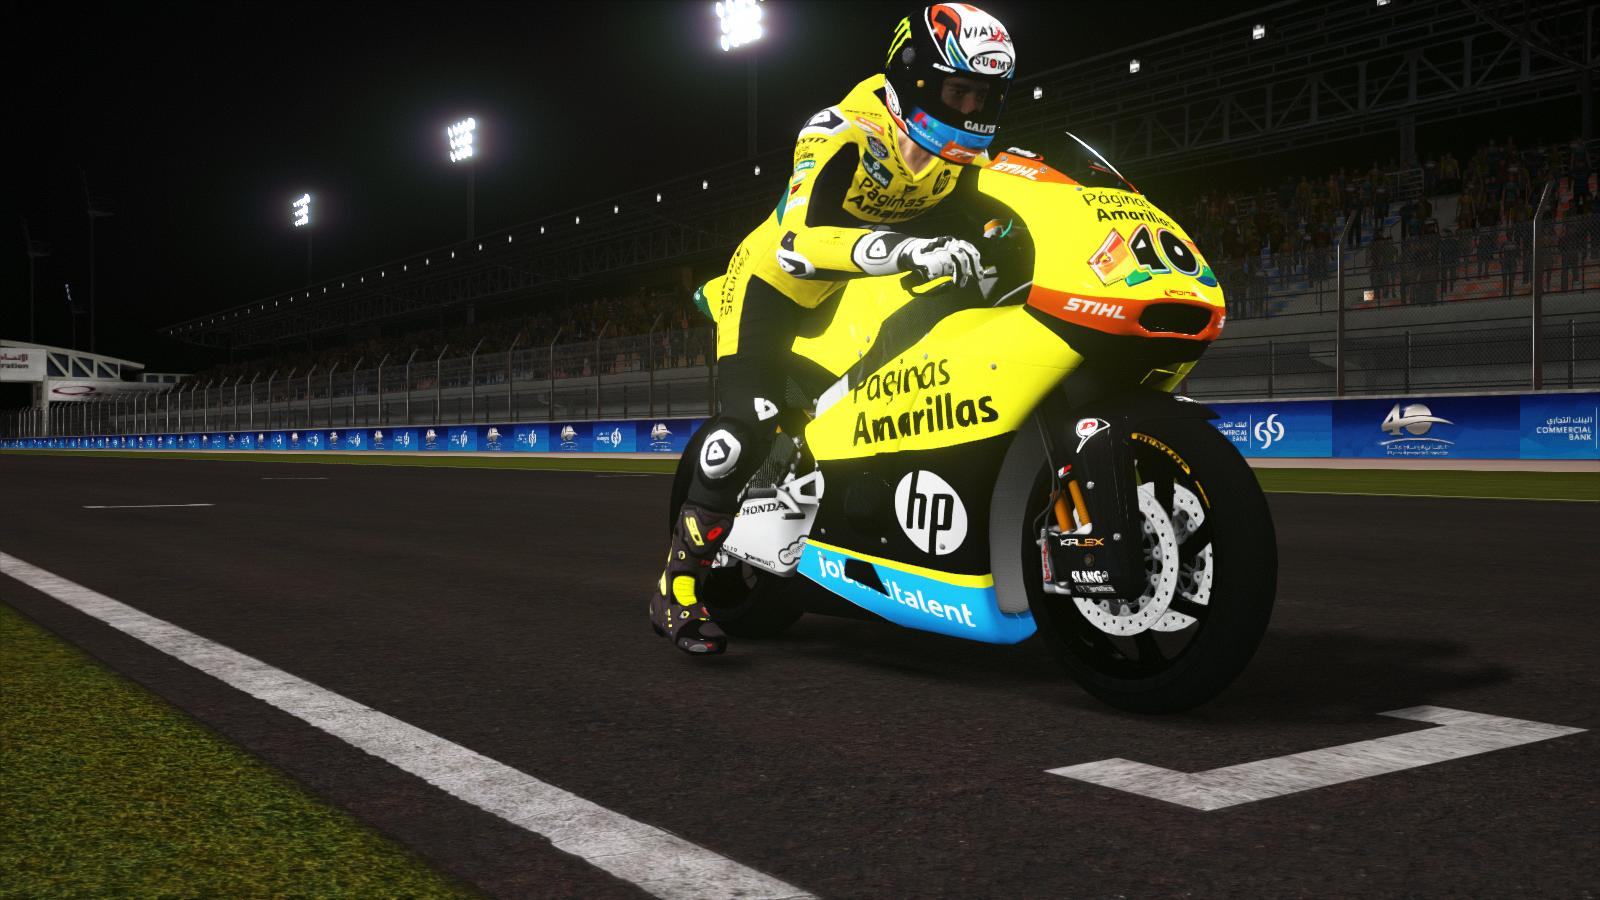 MotoGP15X64 2016-03-23 19-24-13-16.jpg